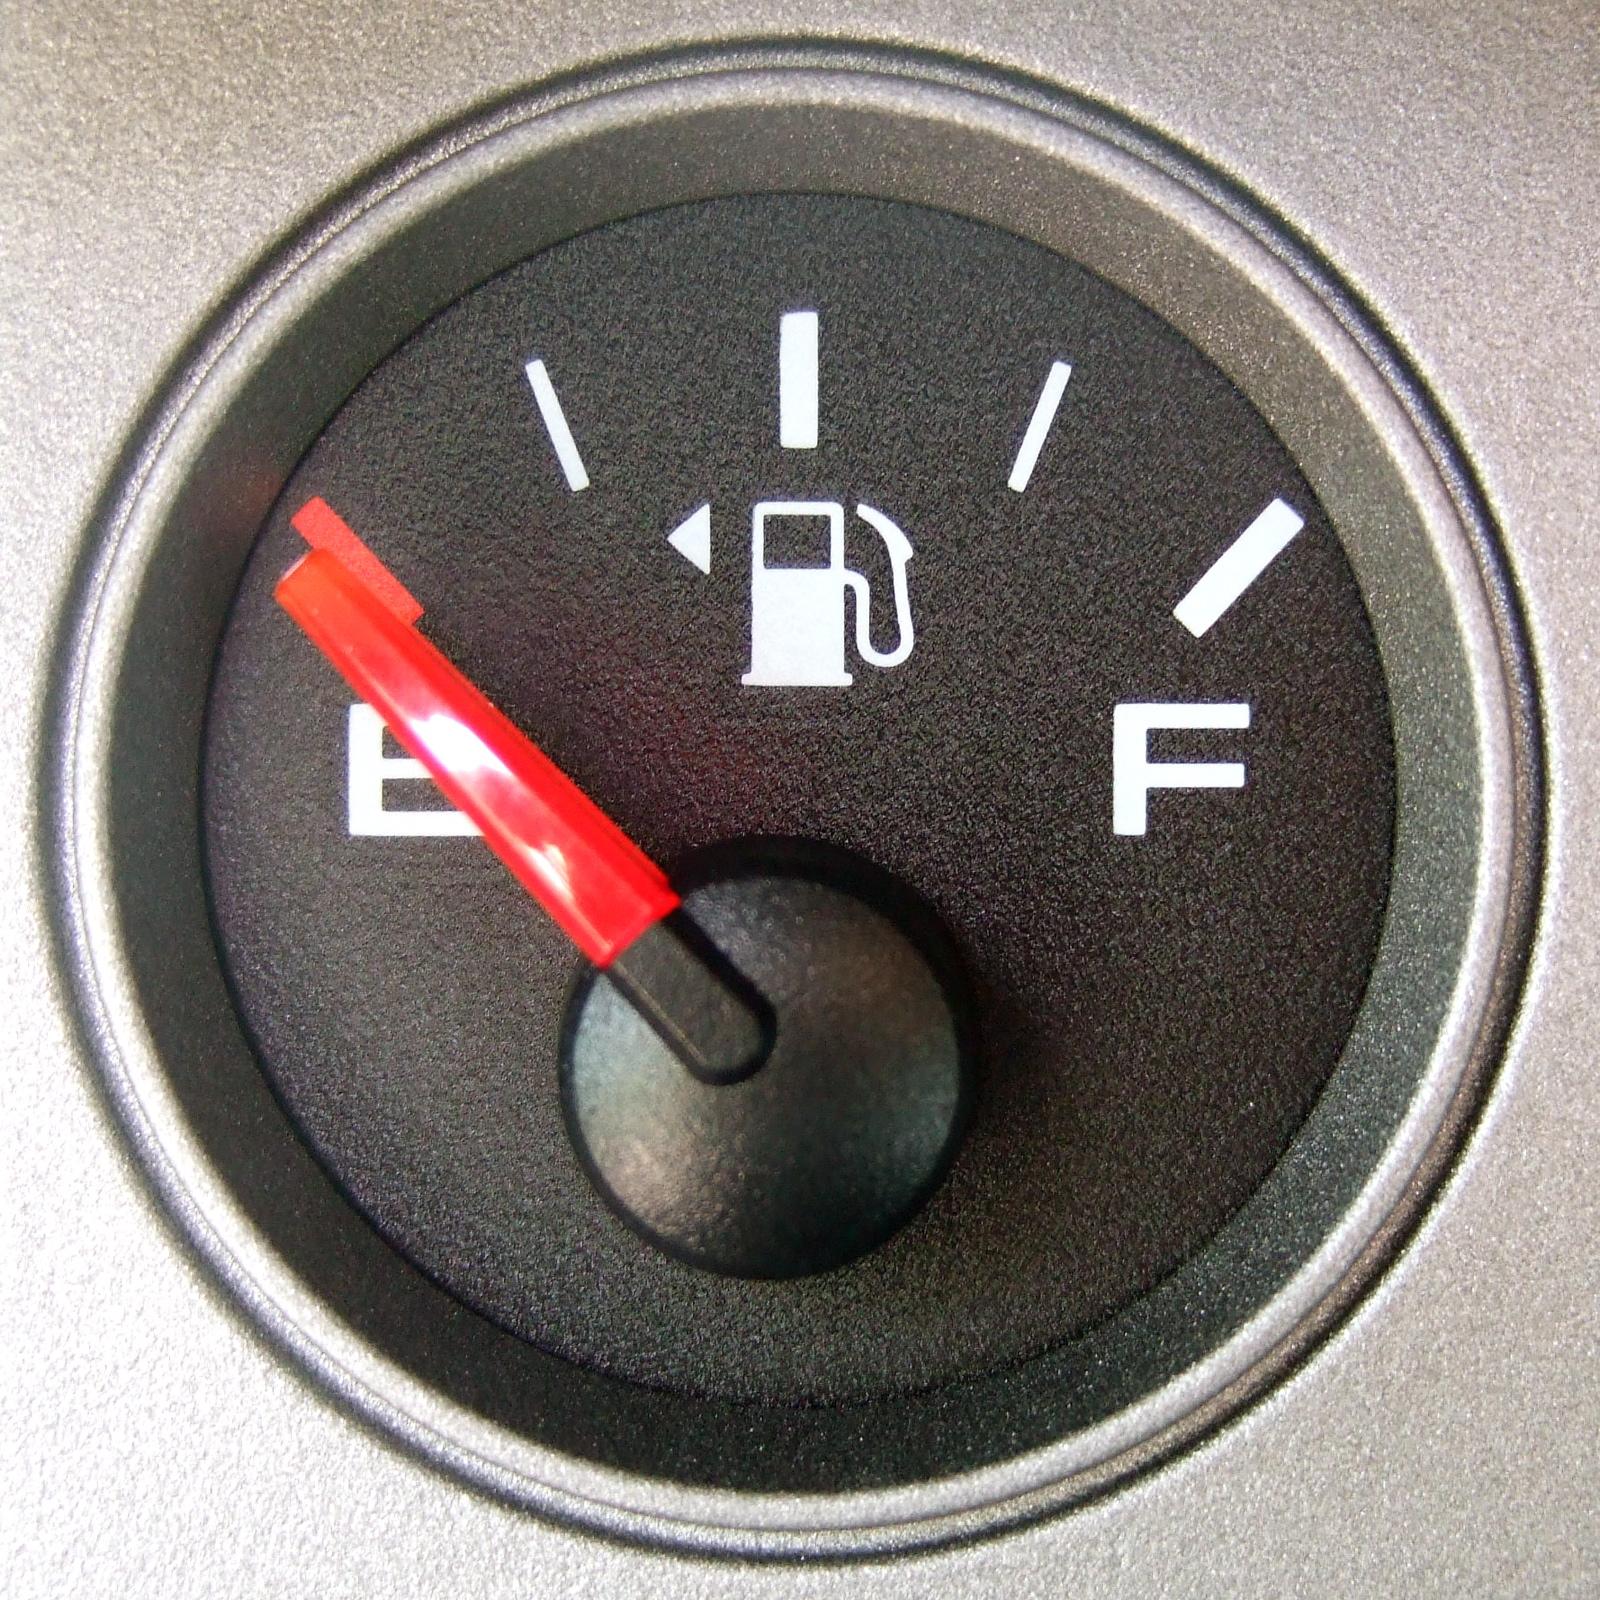 Monitorowanie paliwa, czy warto?